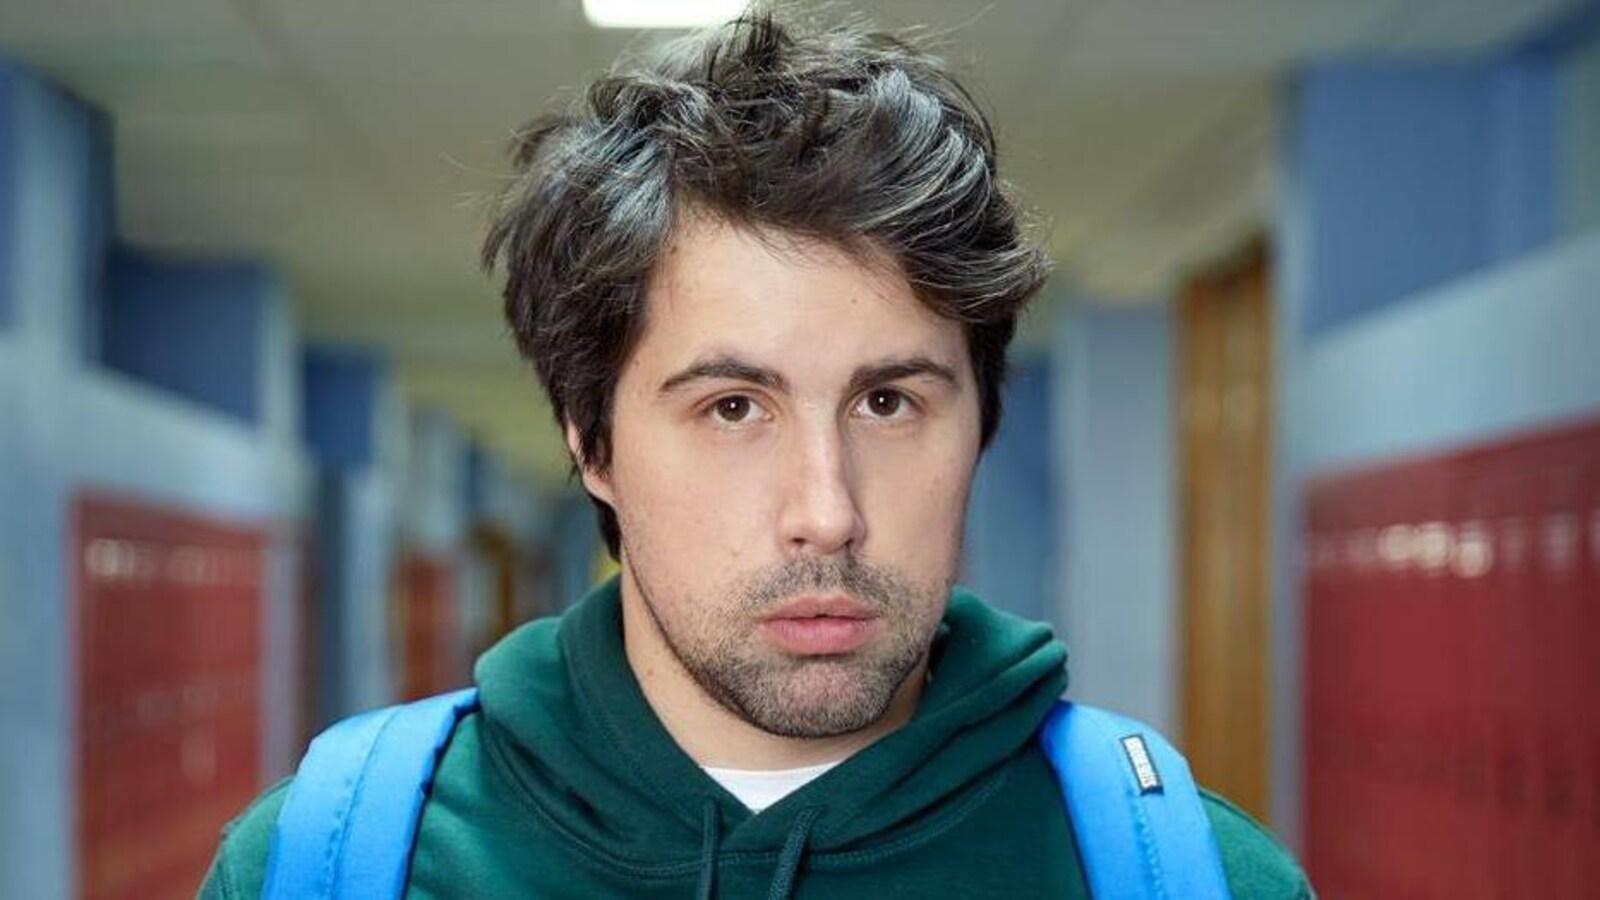 Philippe-Audrey-Larrue-St-Jacques est dans un couloir d'école, et porte un sac à dos.